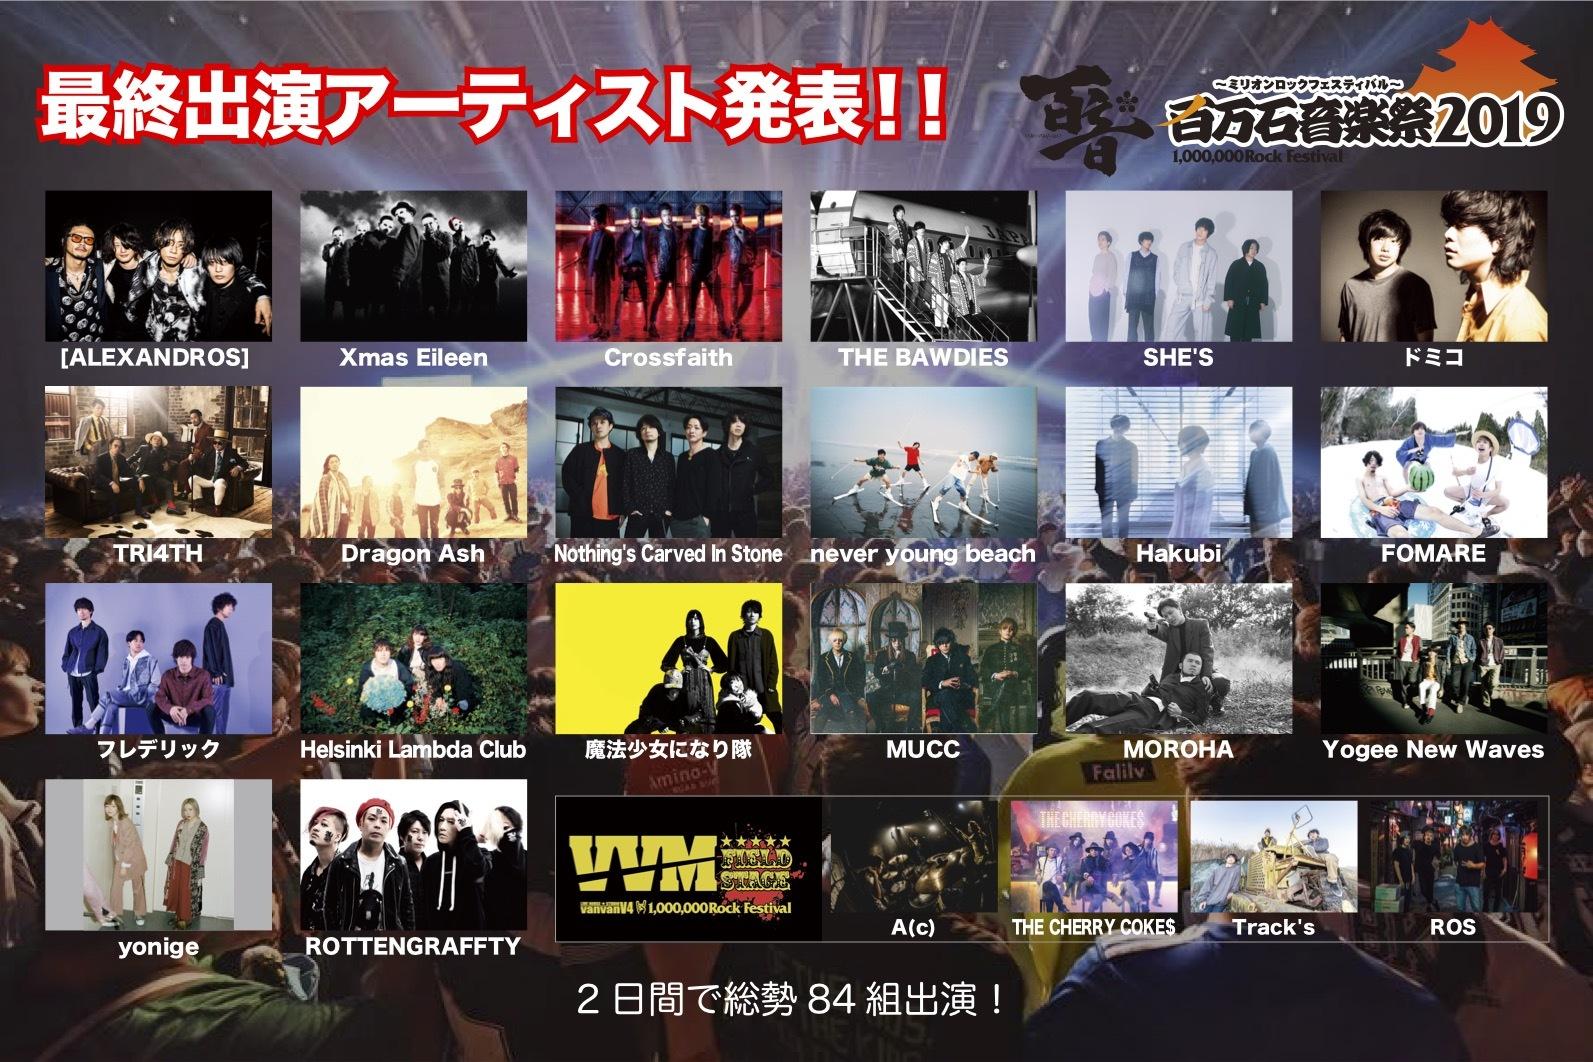 百万石音楽祭2019